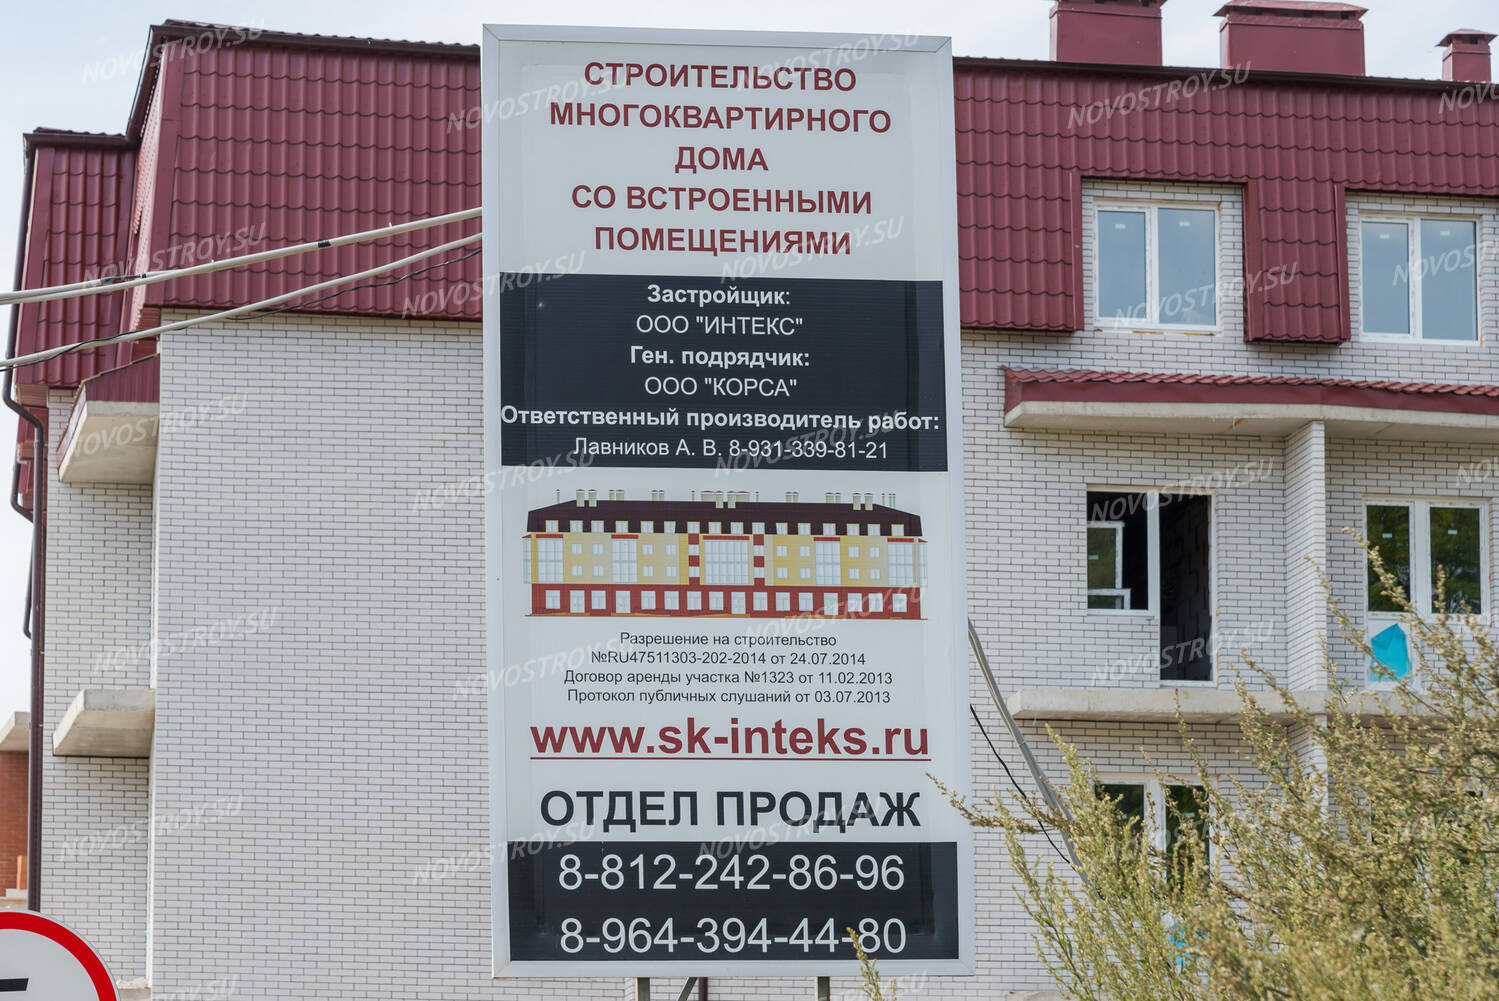 Реал строительная компания Ижевск горбунки ооо нерудная логистическая компания